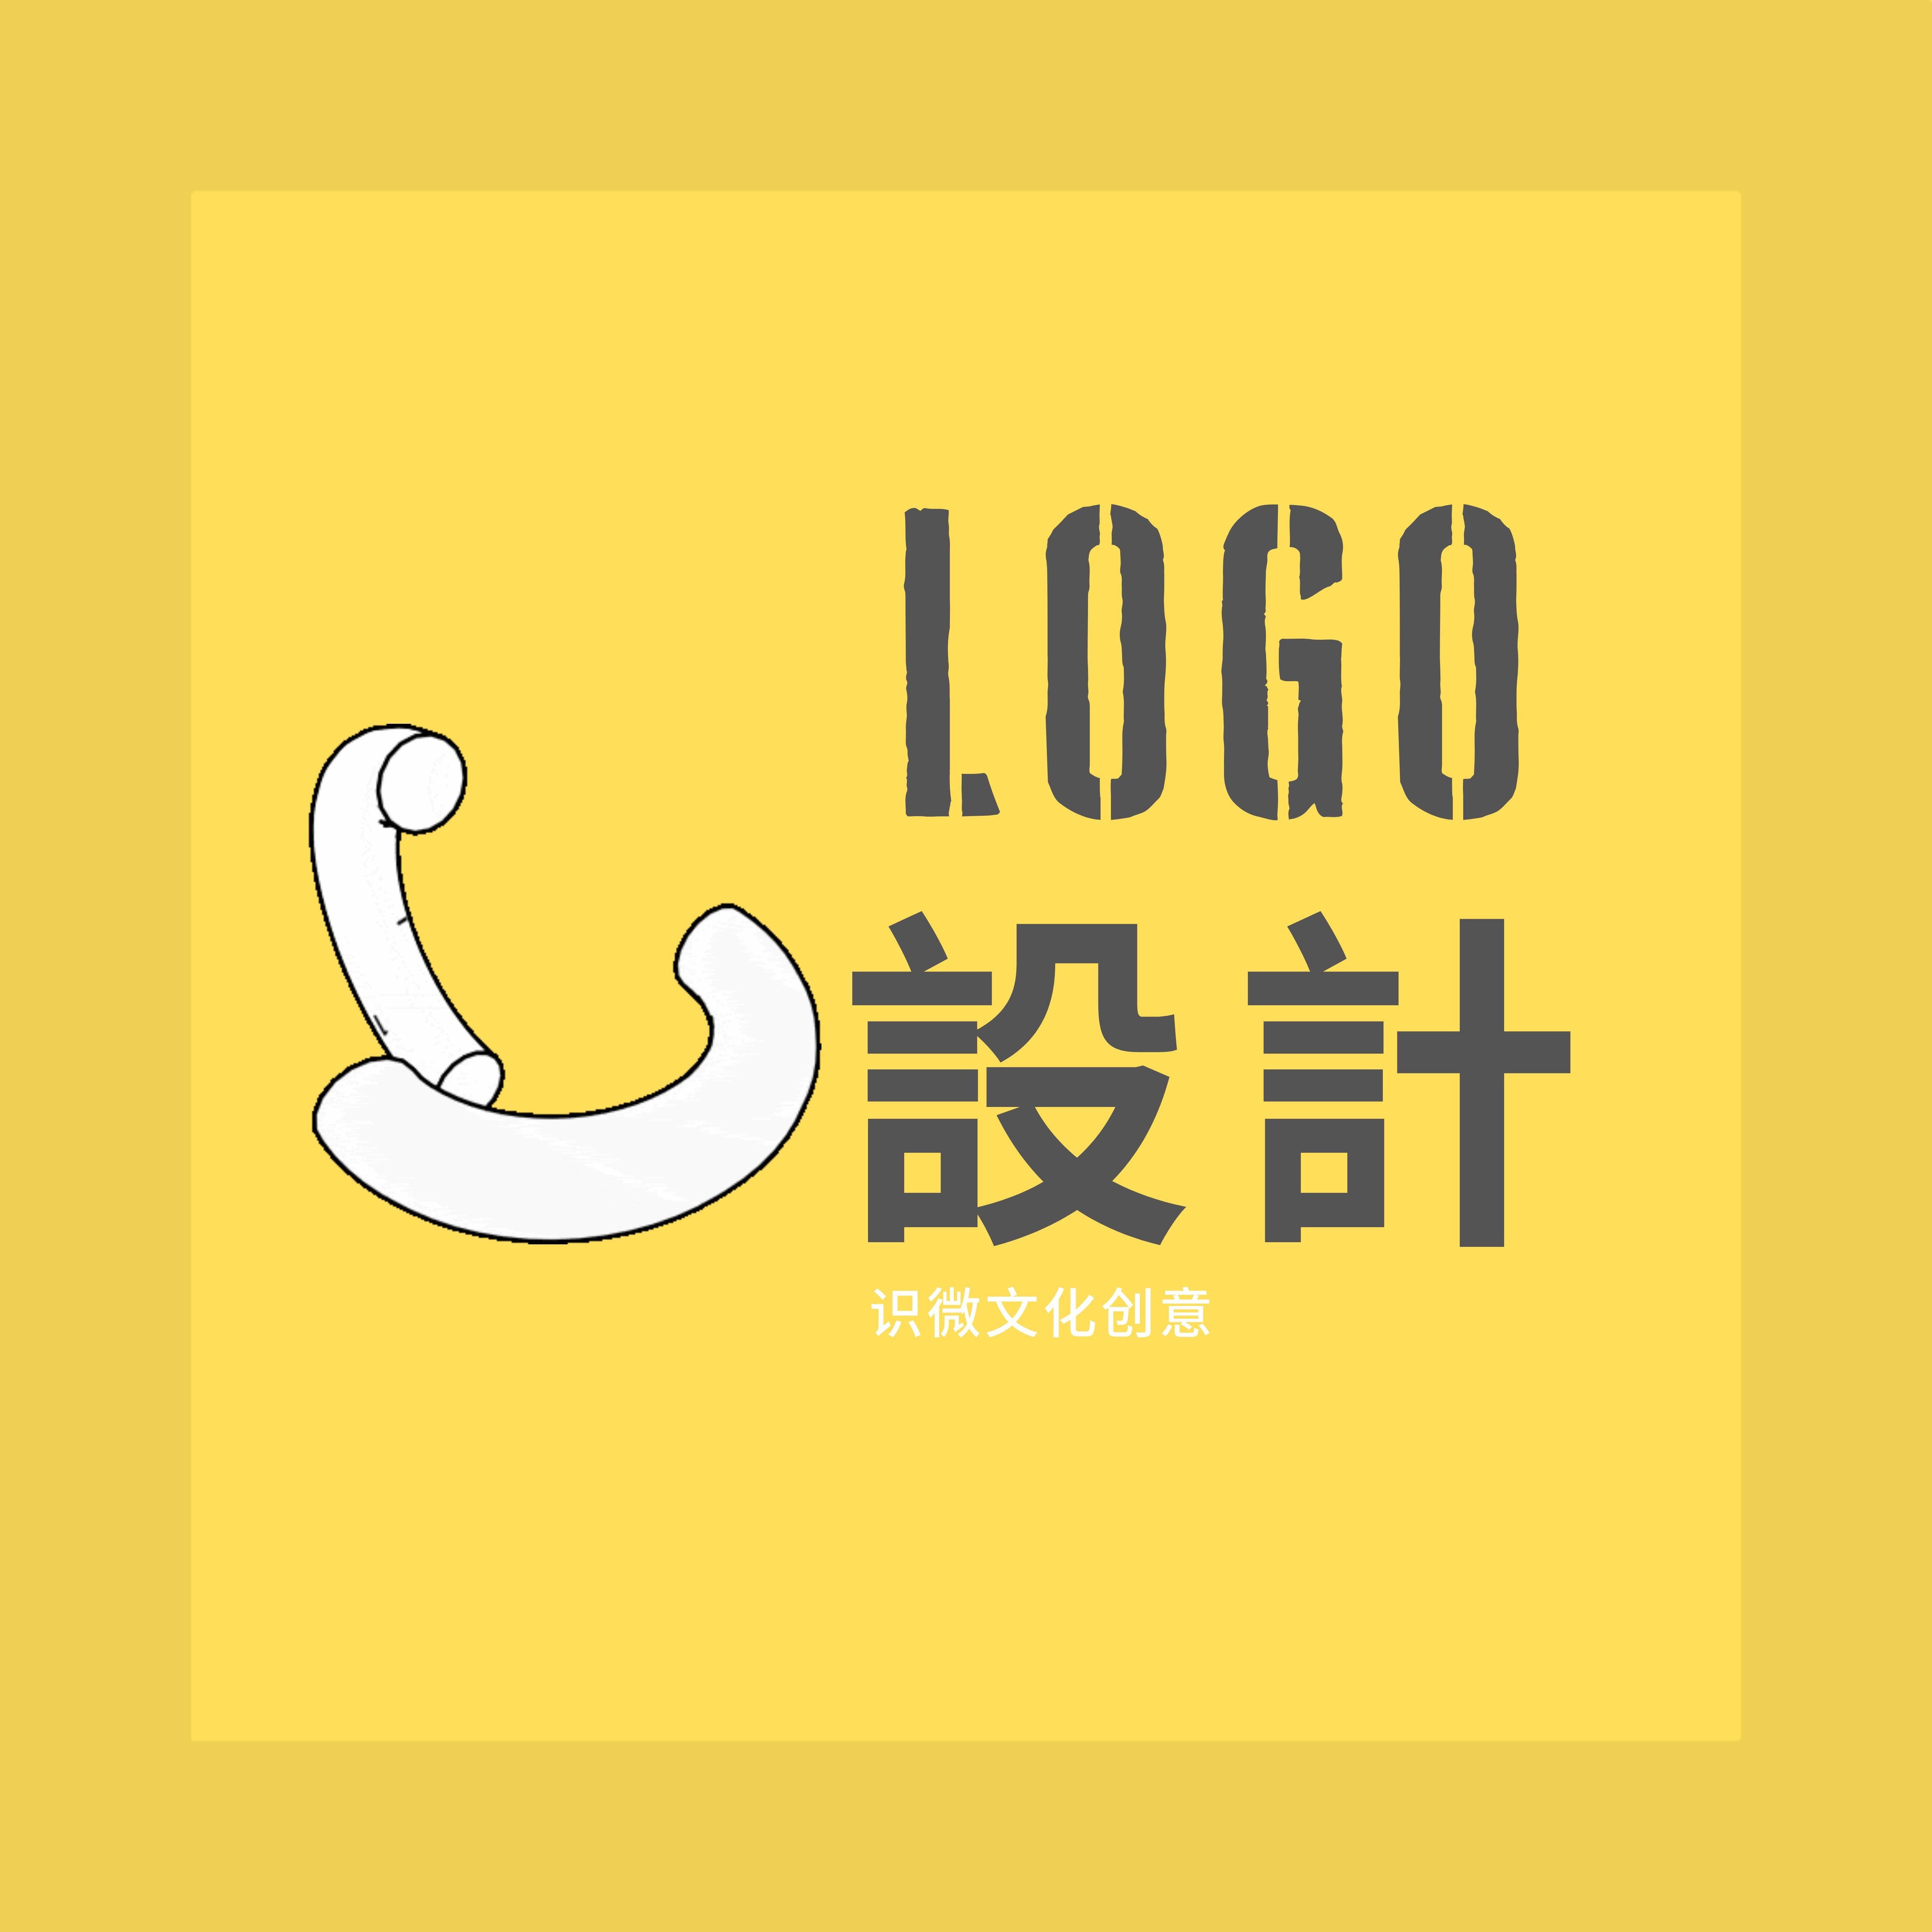 【识微文创】公司标志设计品牌字体设计商标设计LOGO图标设计